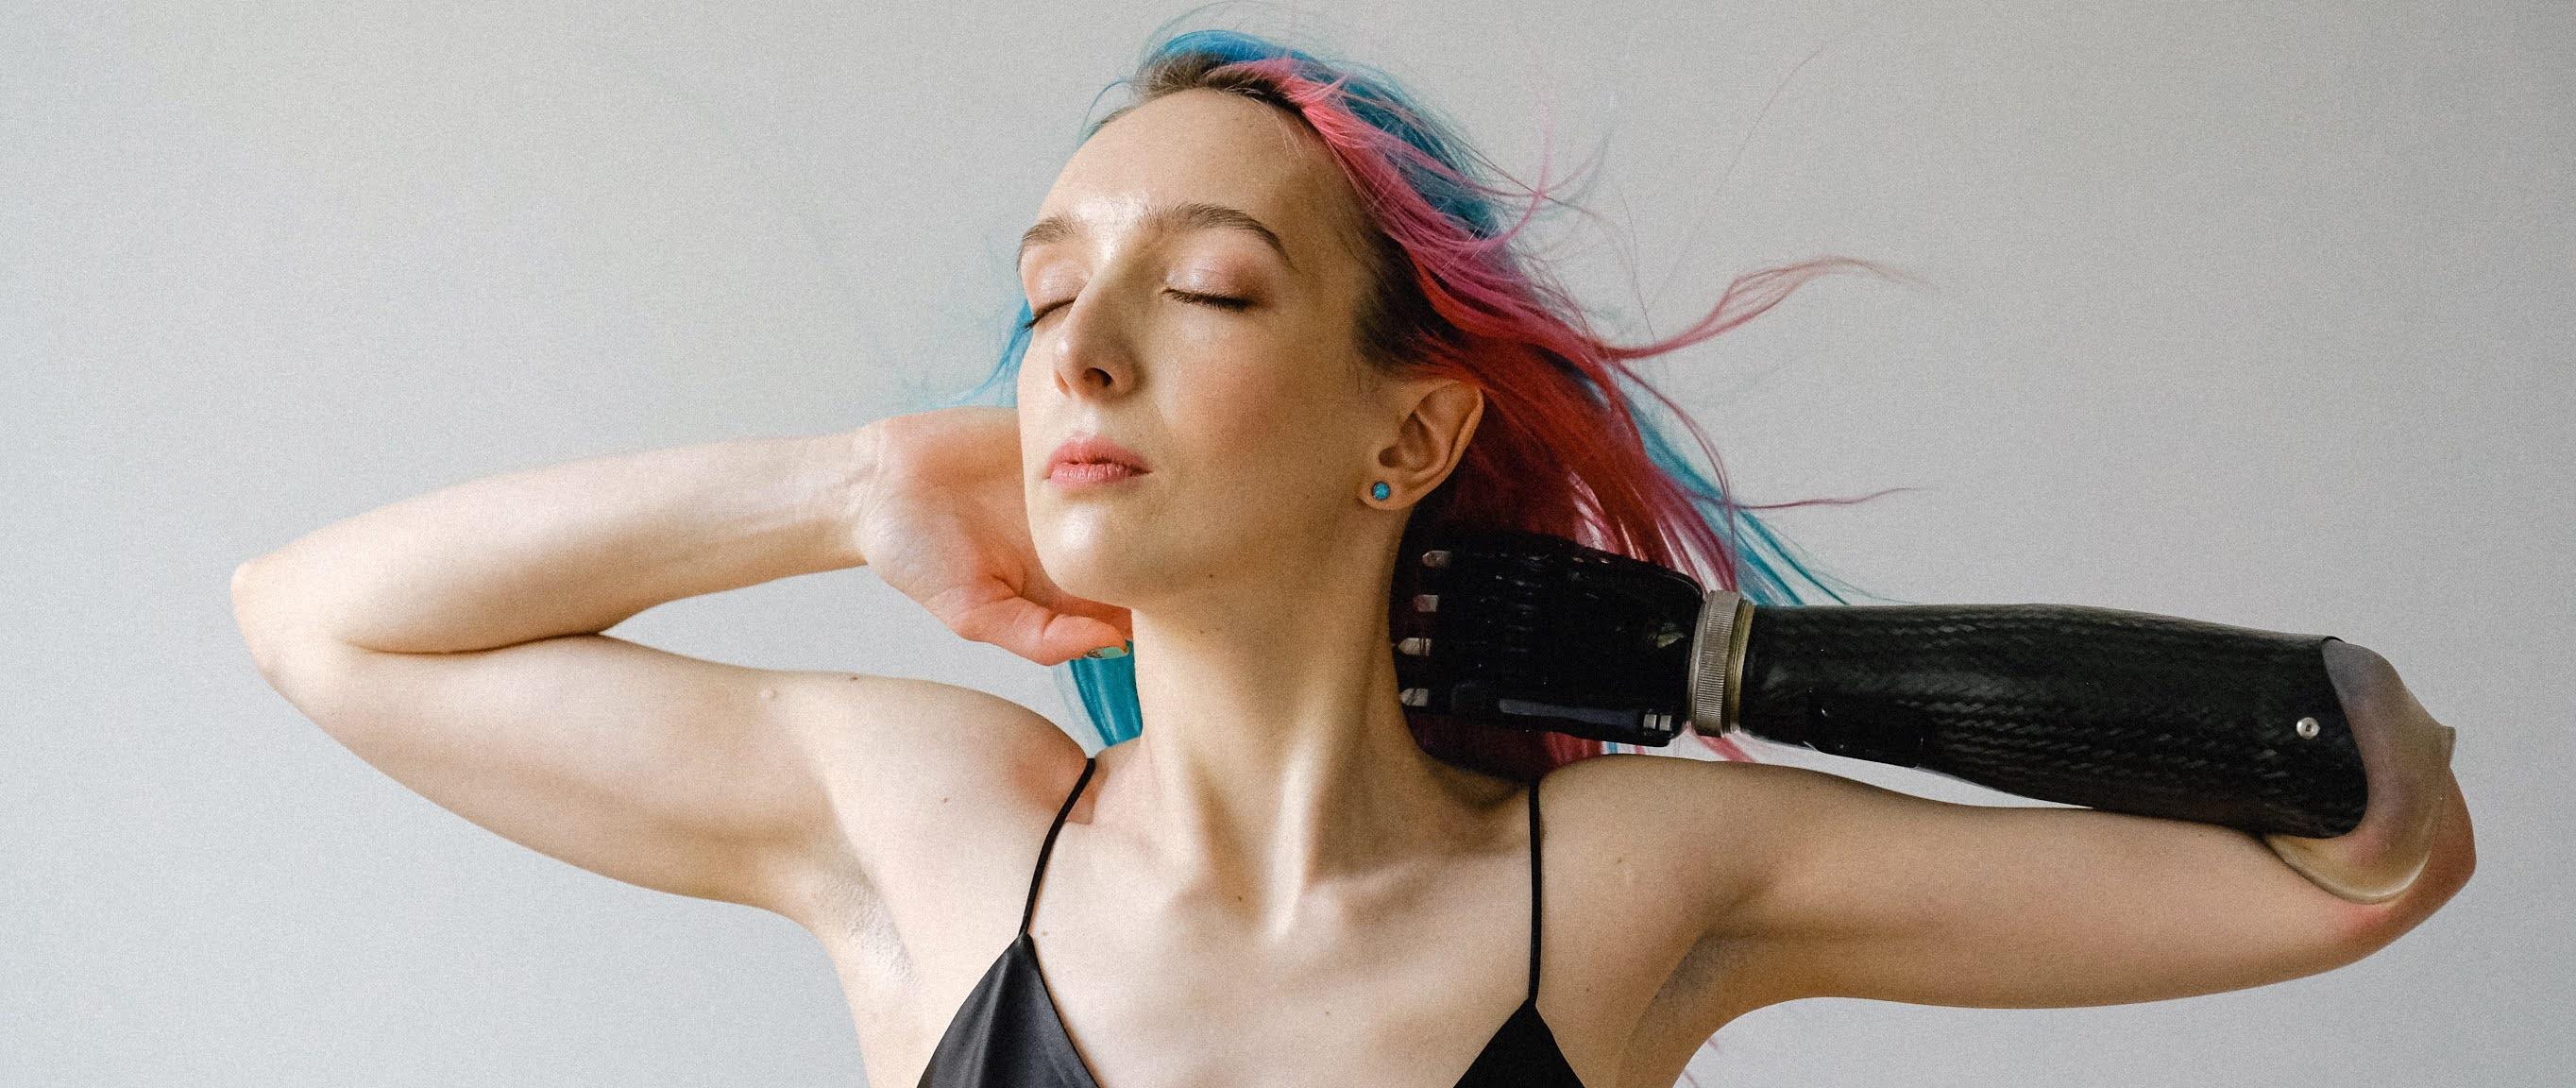 Shampoo com pH baixo (menor que 5,5) - Opções Sem Sulfato liberadas para Low Poo